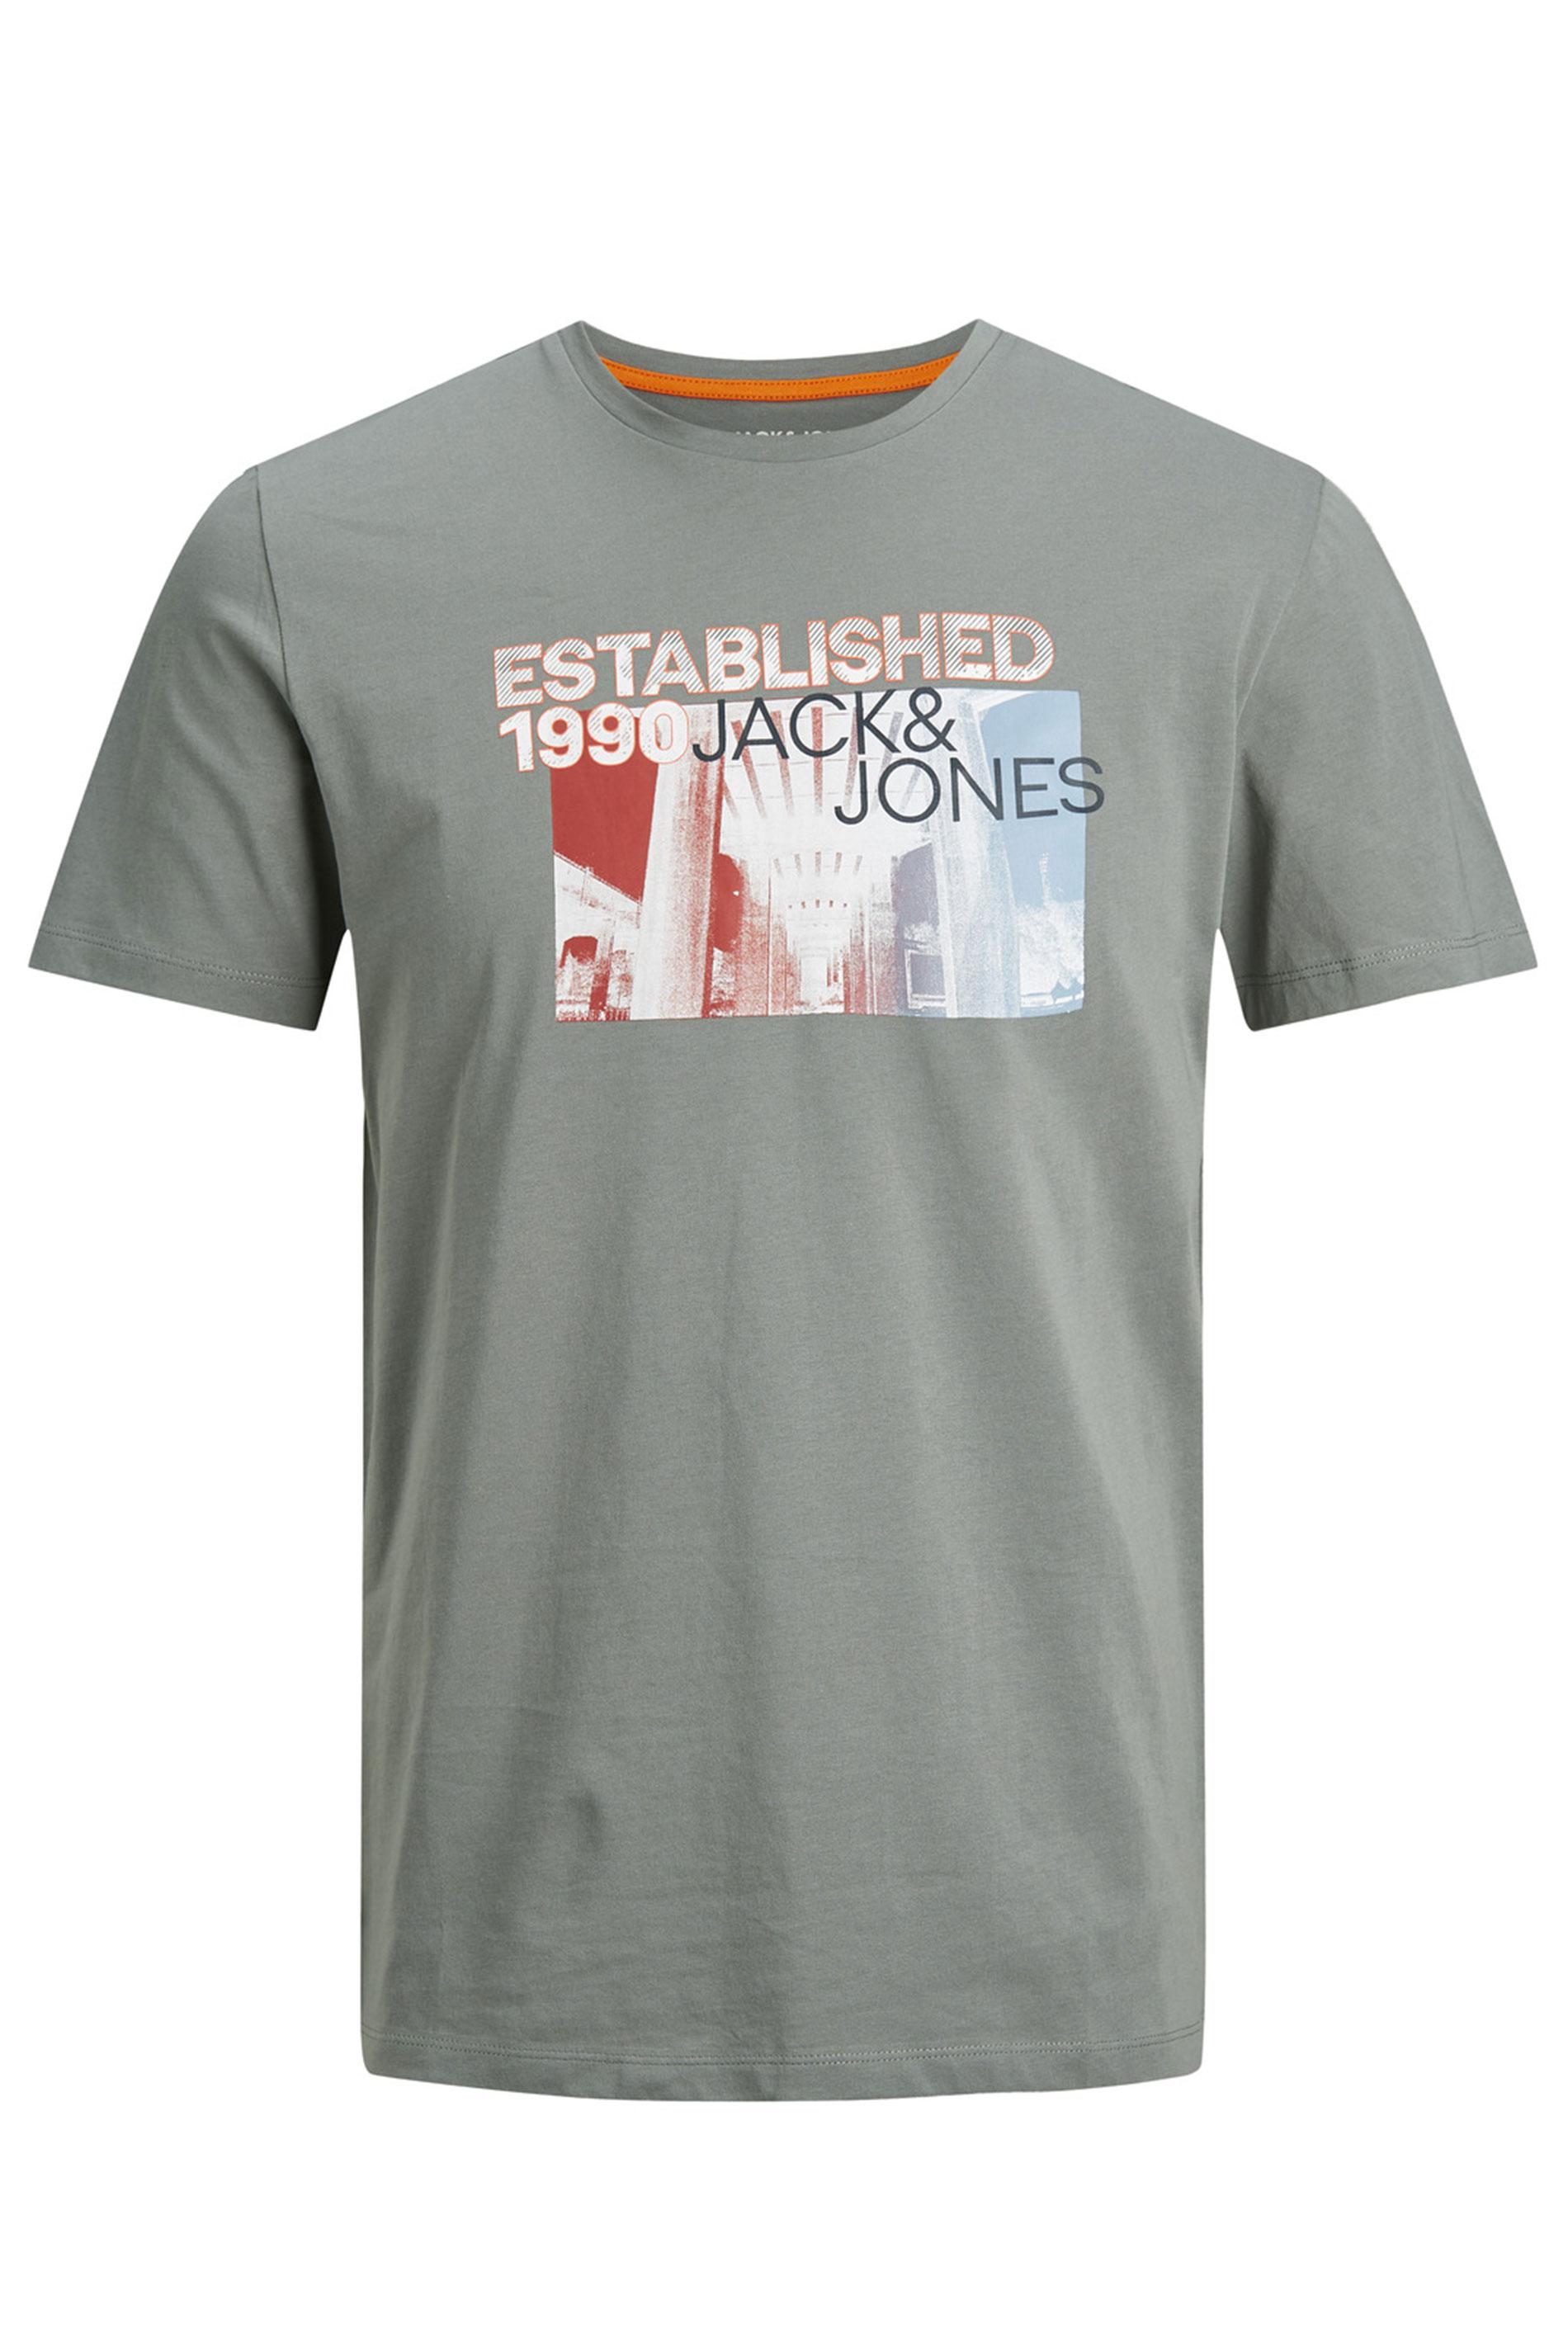 JACK & JONES Khaki Feeling Graphic Print T-Shirt